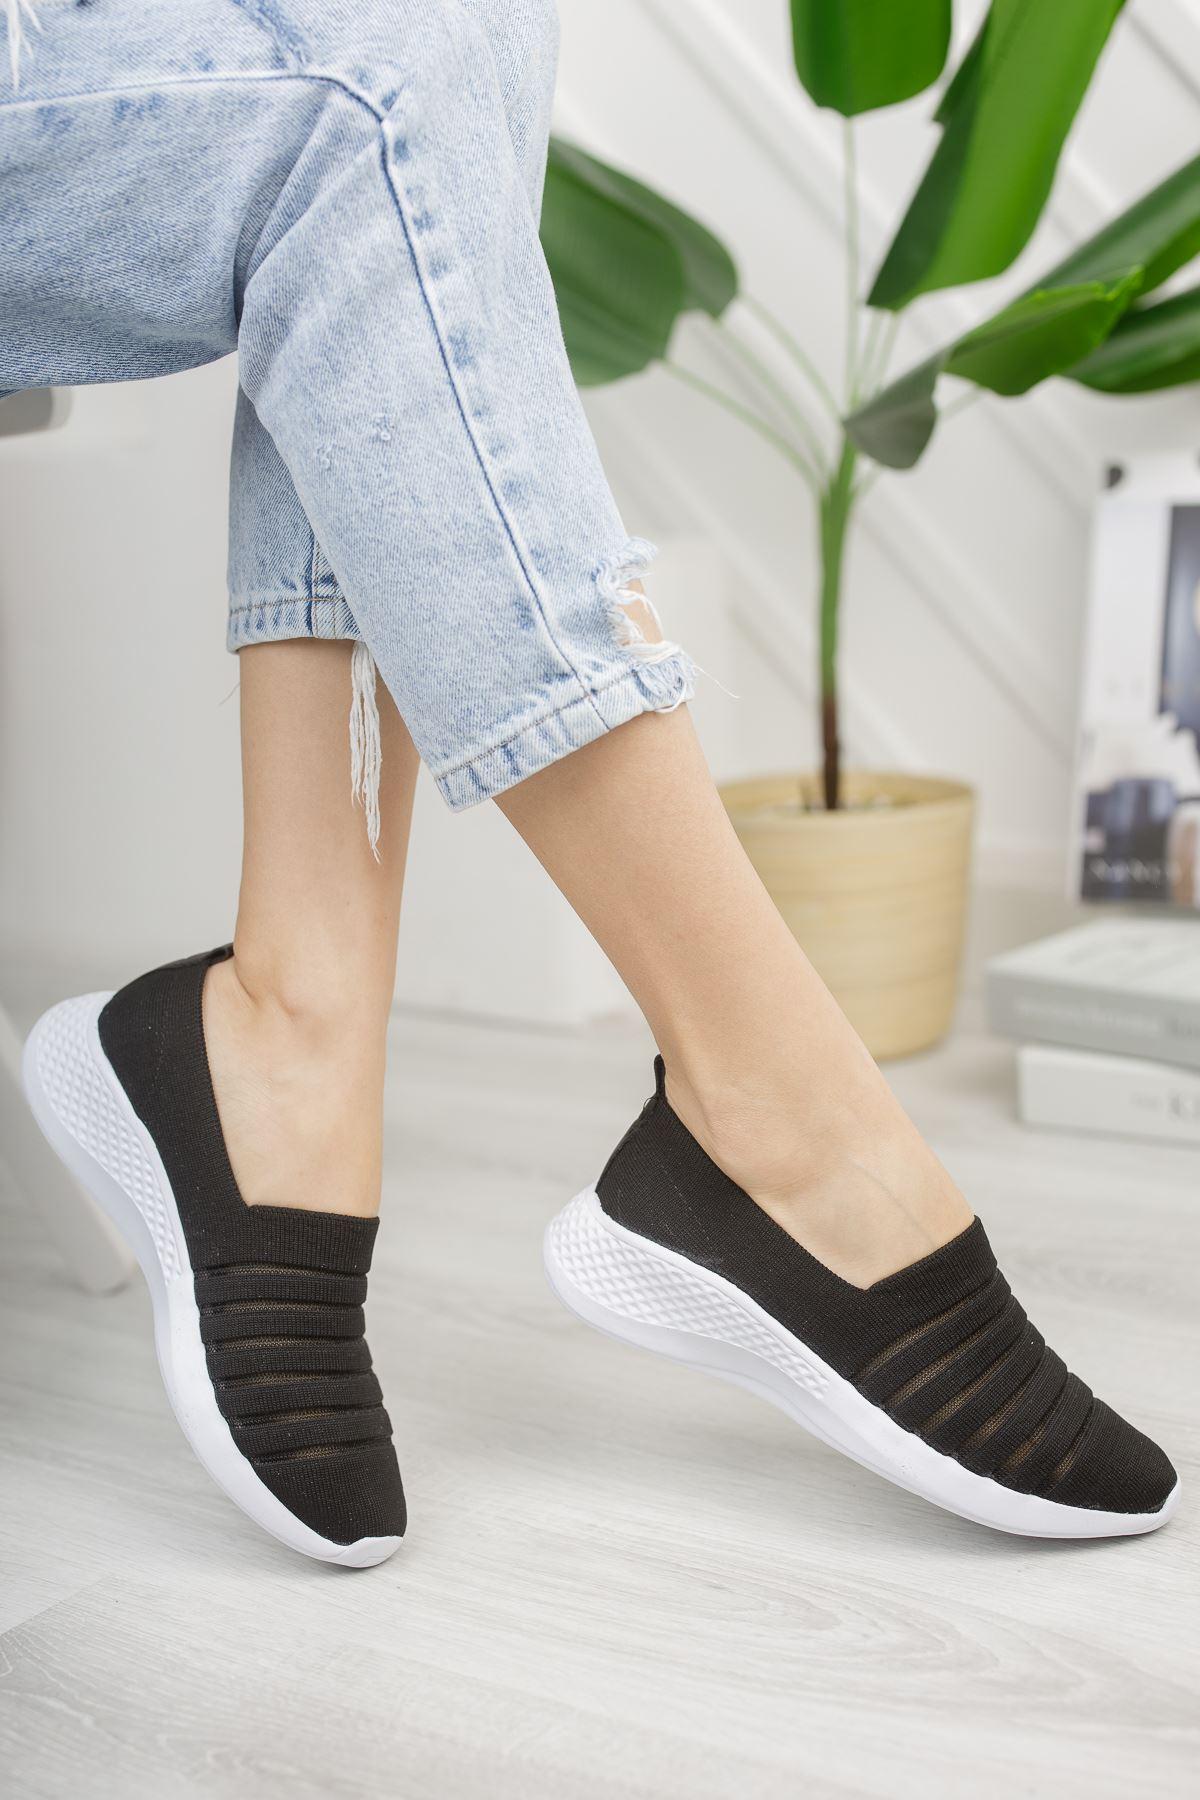 Kadın Leminol File Detaylı Günlük Siyah Spor Ayakkabı